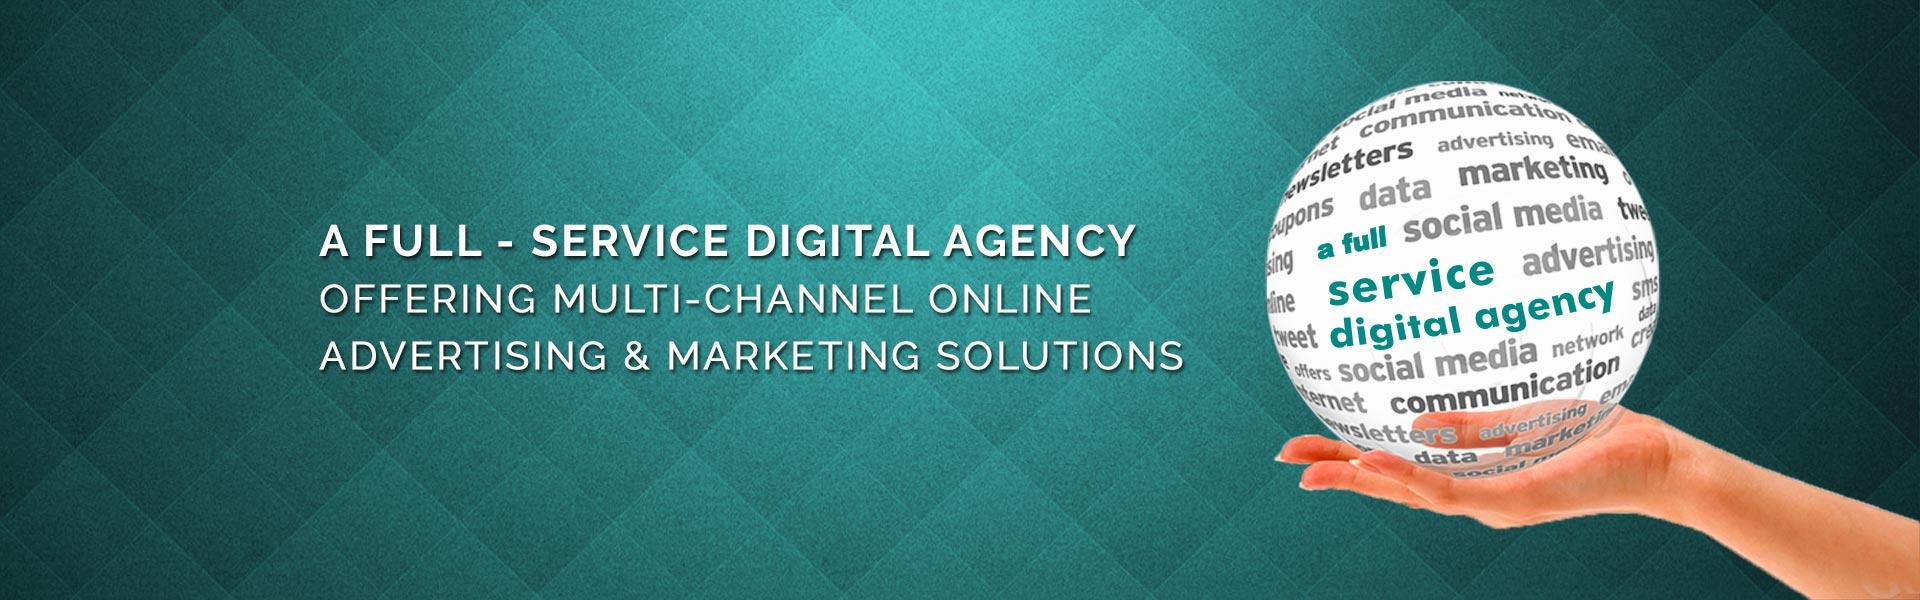 a-full-digital-agency